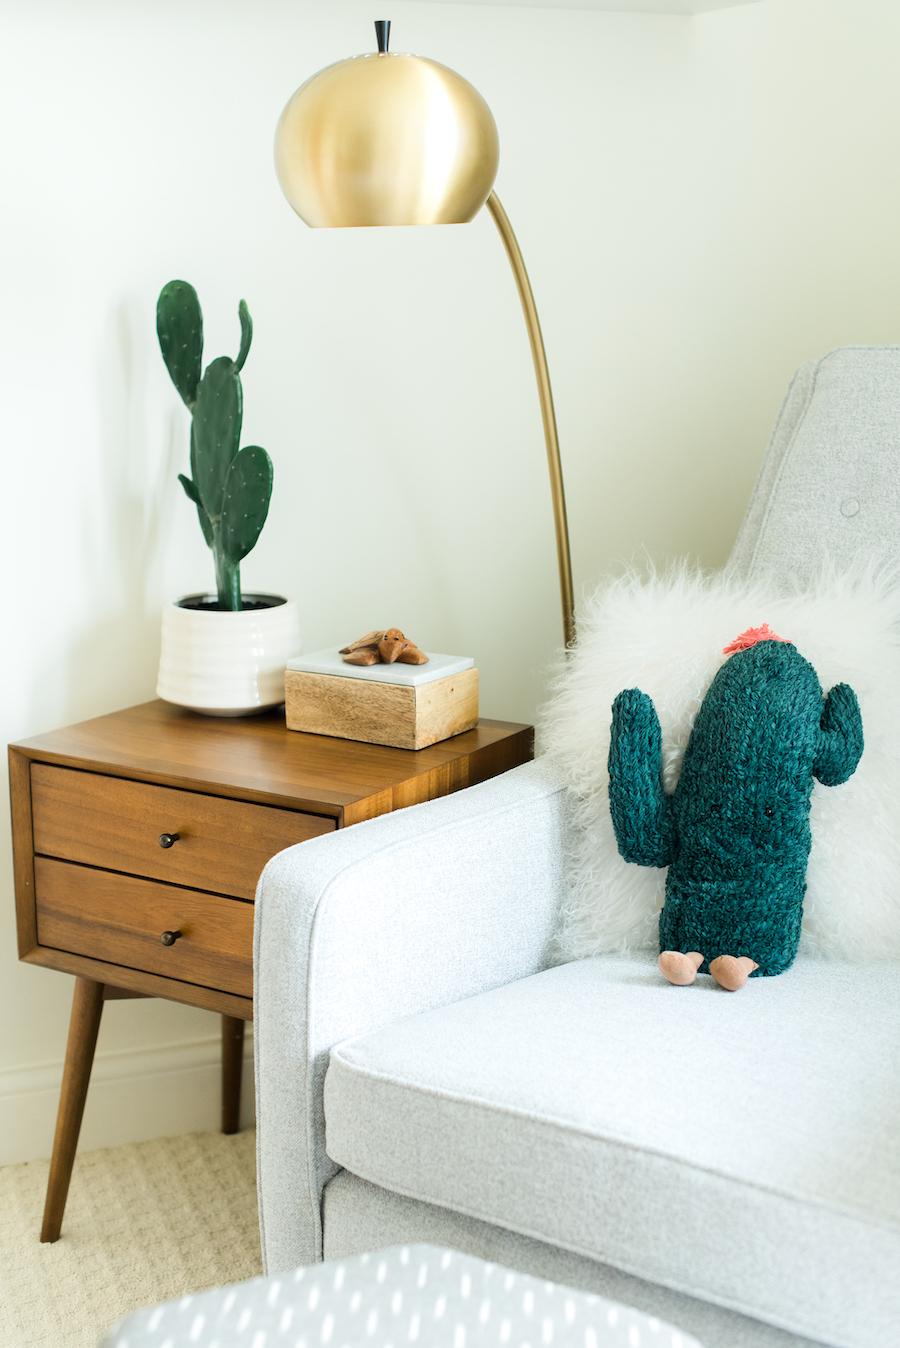 Jenna Kutcher's Gender Neutral Nursery by Little Crown Interiors